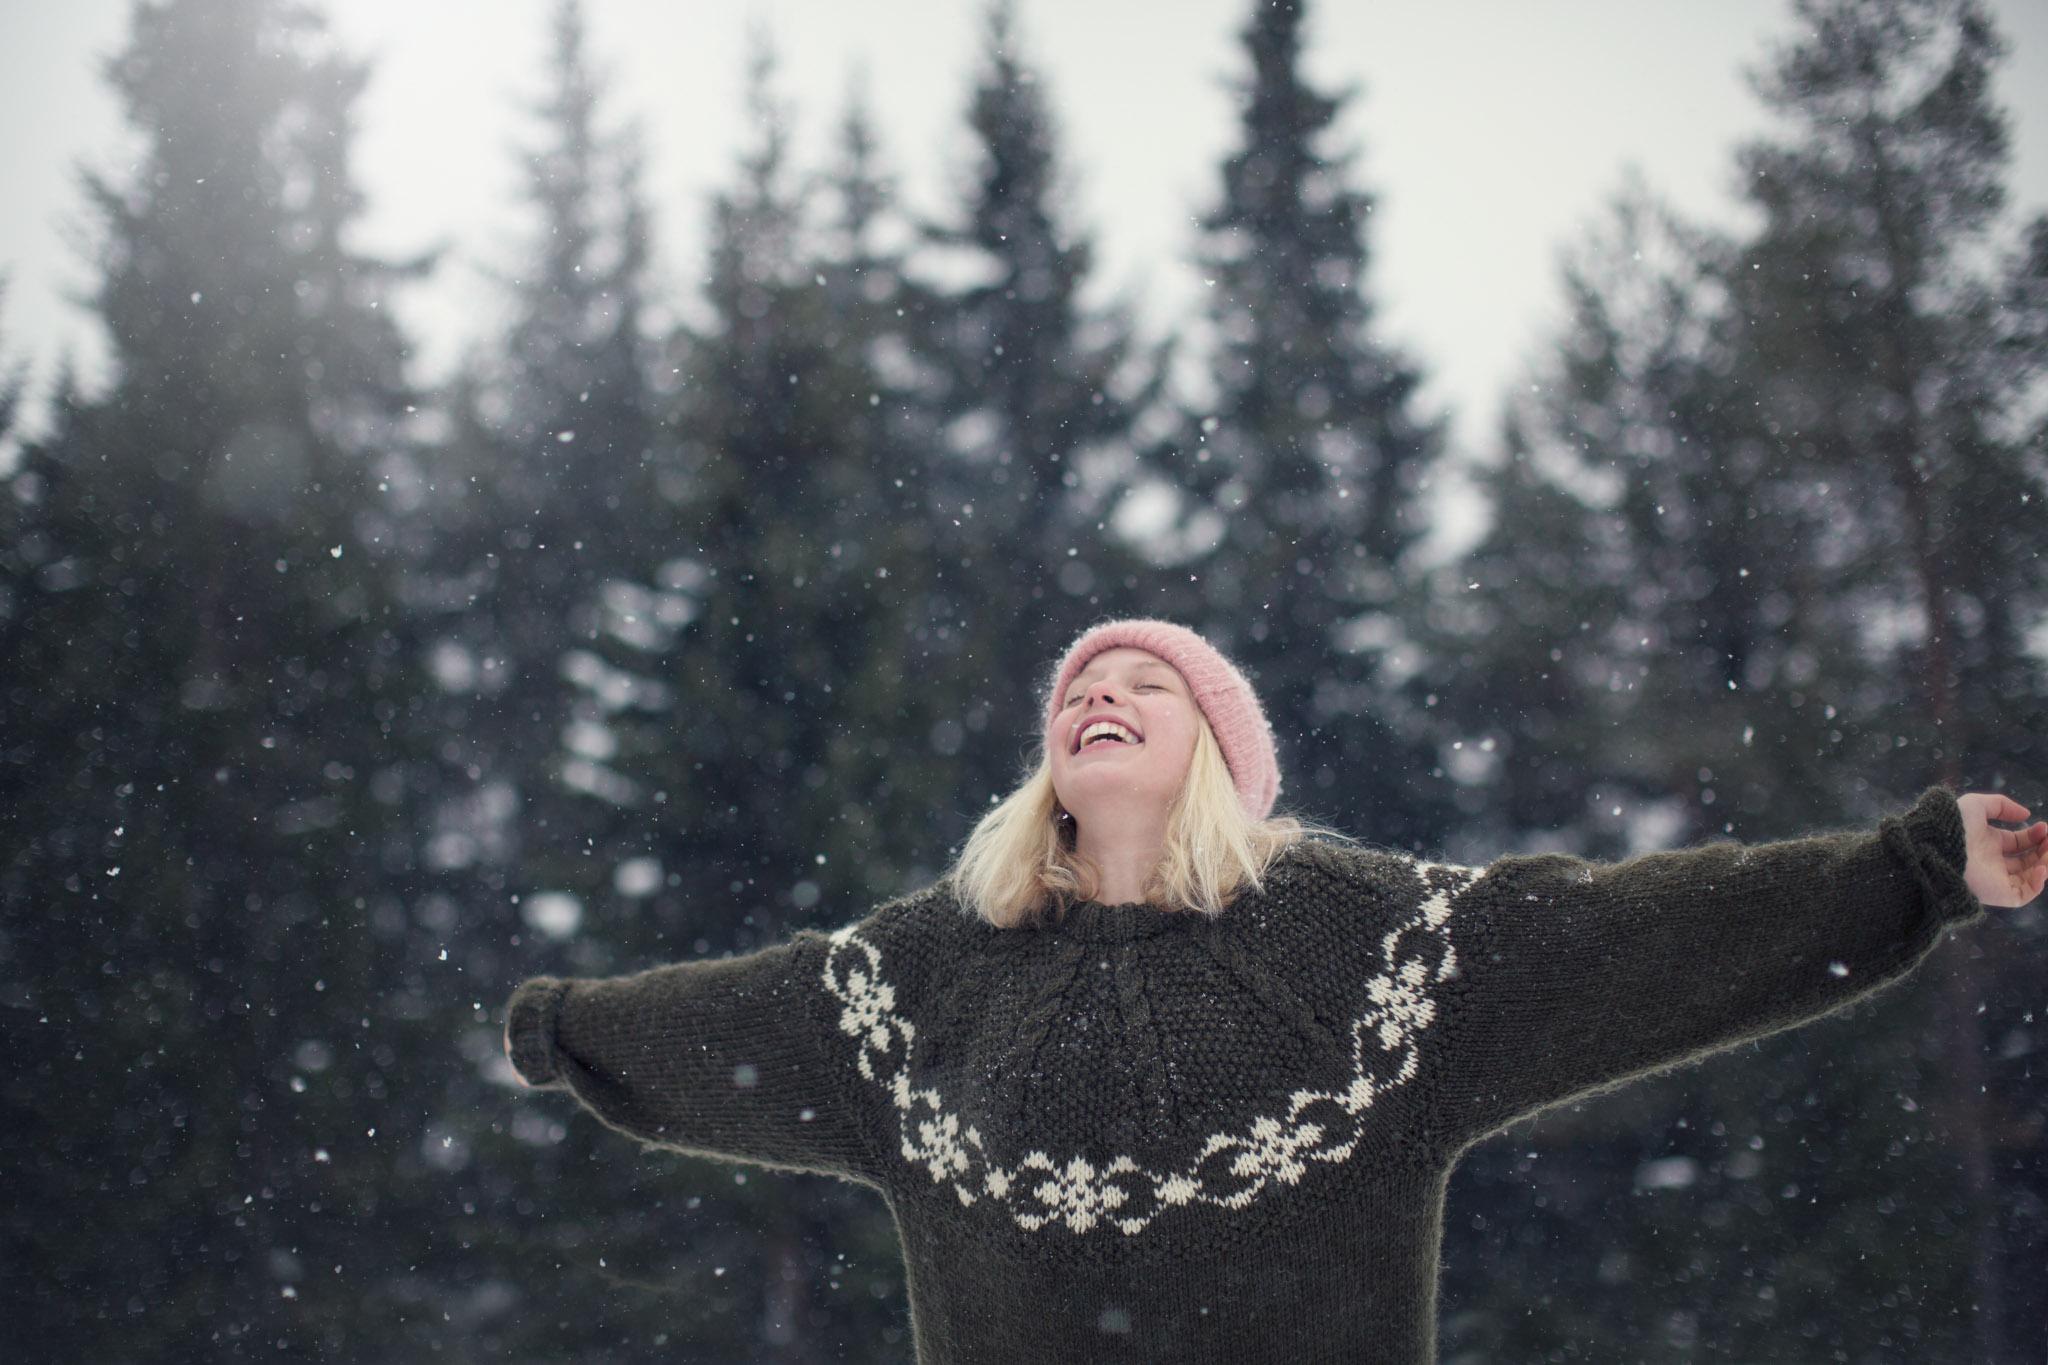 Barnefotografering - Natur, natur, lys, snø - Fotograf Ida Hvattum